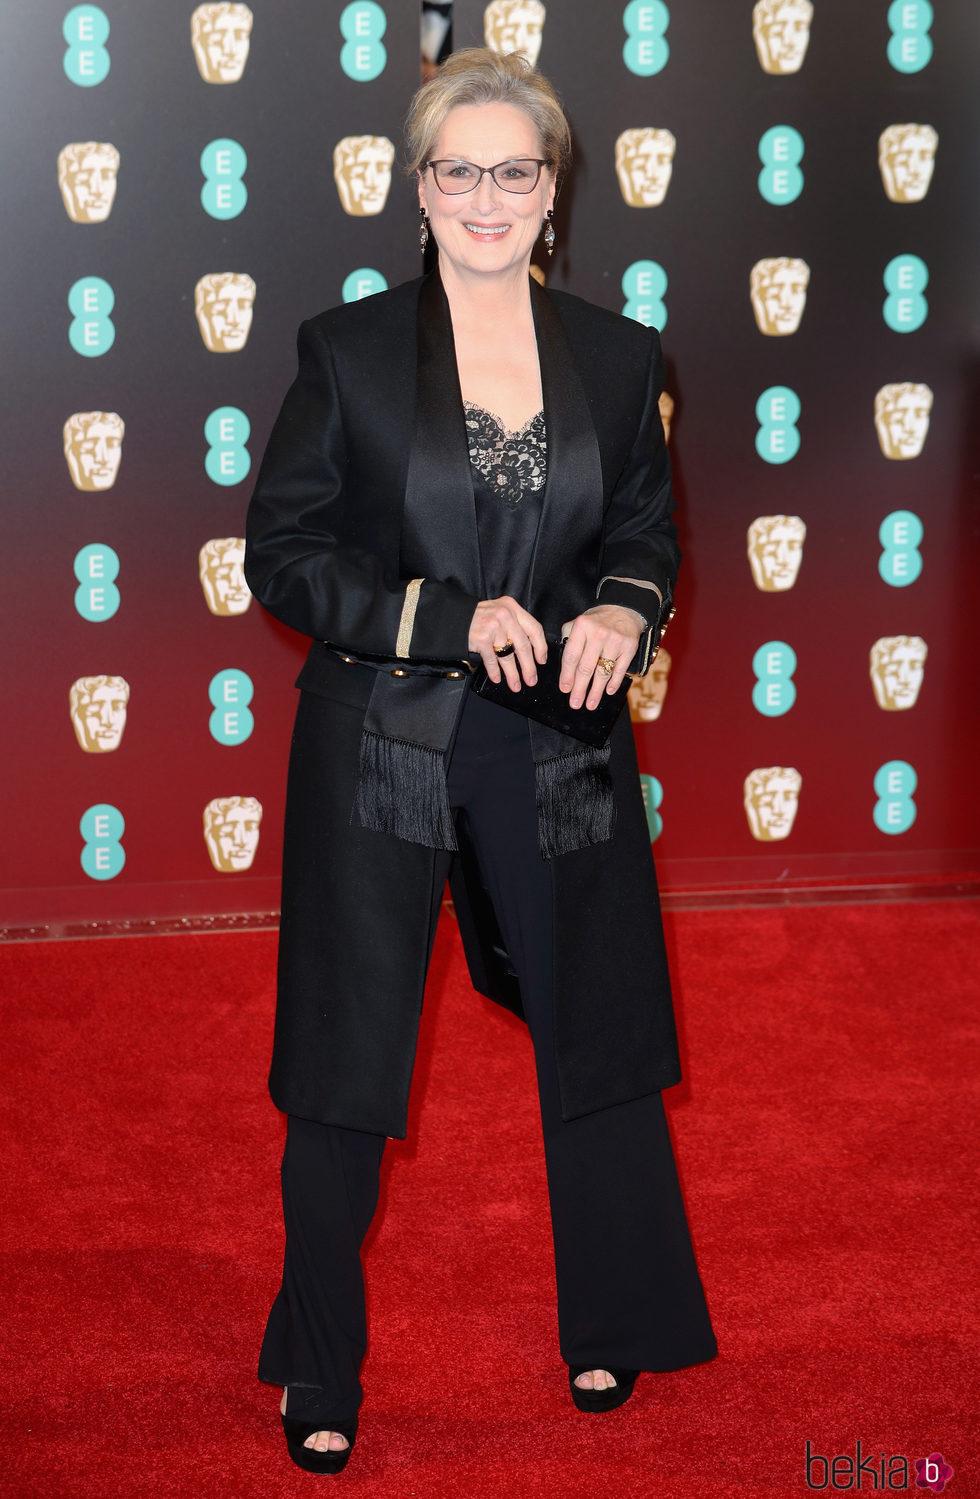 Meryl Streep en la alfombra roja de los Premios Bafta 2017